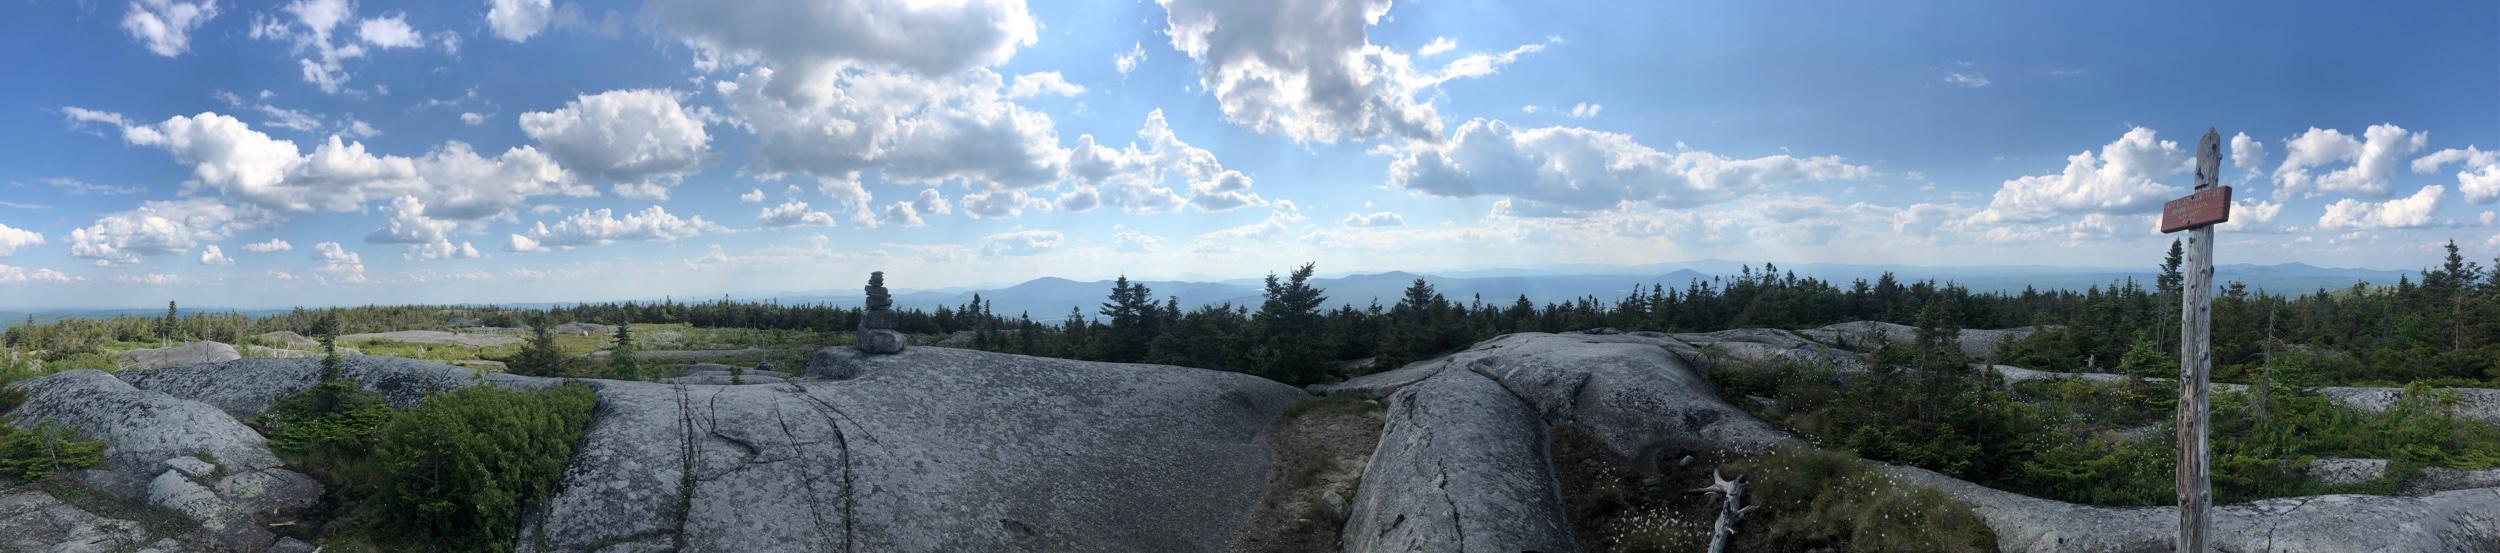 Summit of Bald Mountain